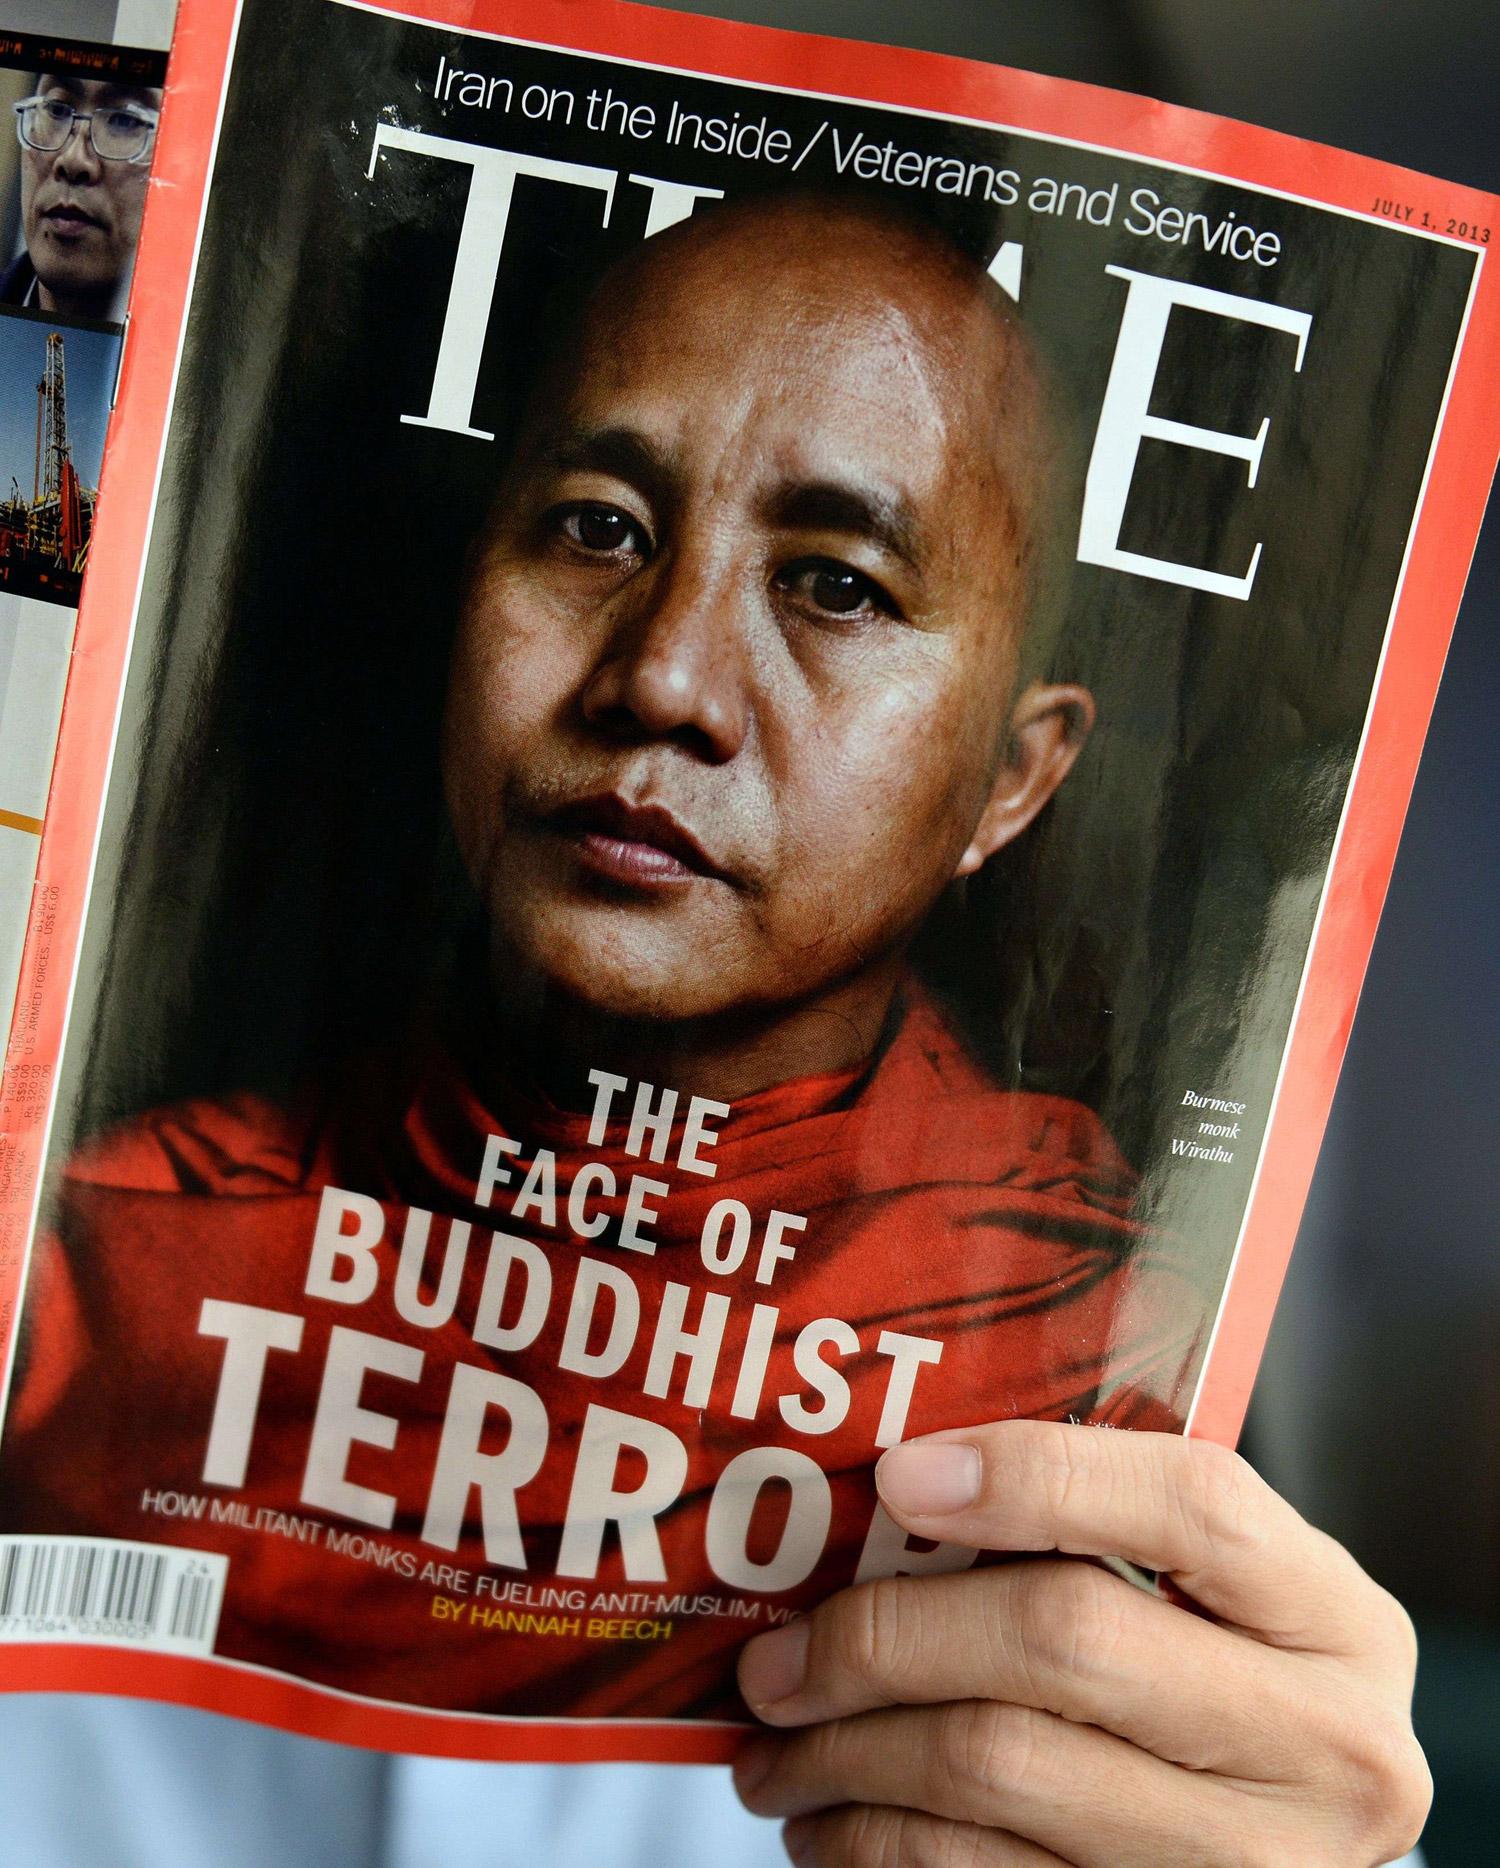 الراهب آشين ويراثو.. وجه التطرف البوذي ضد مسلمي الروهنغيا